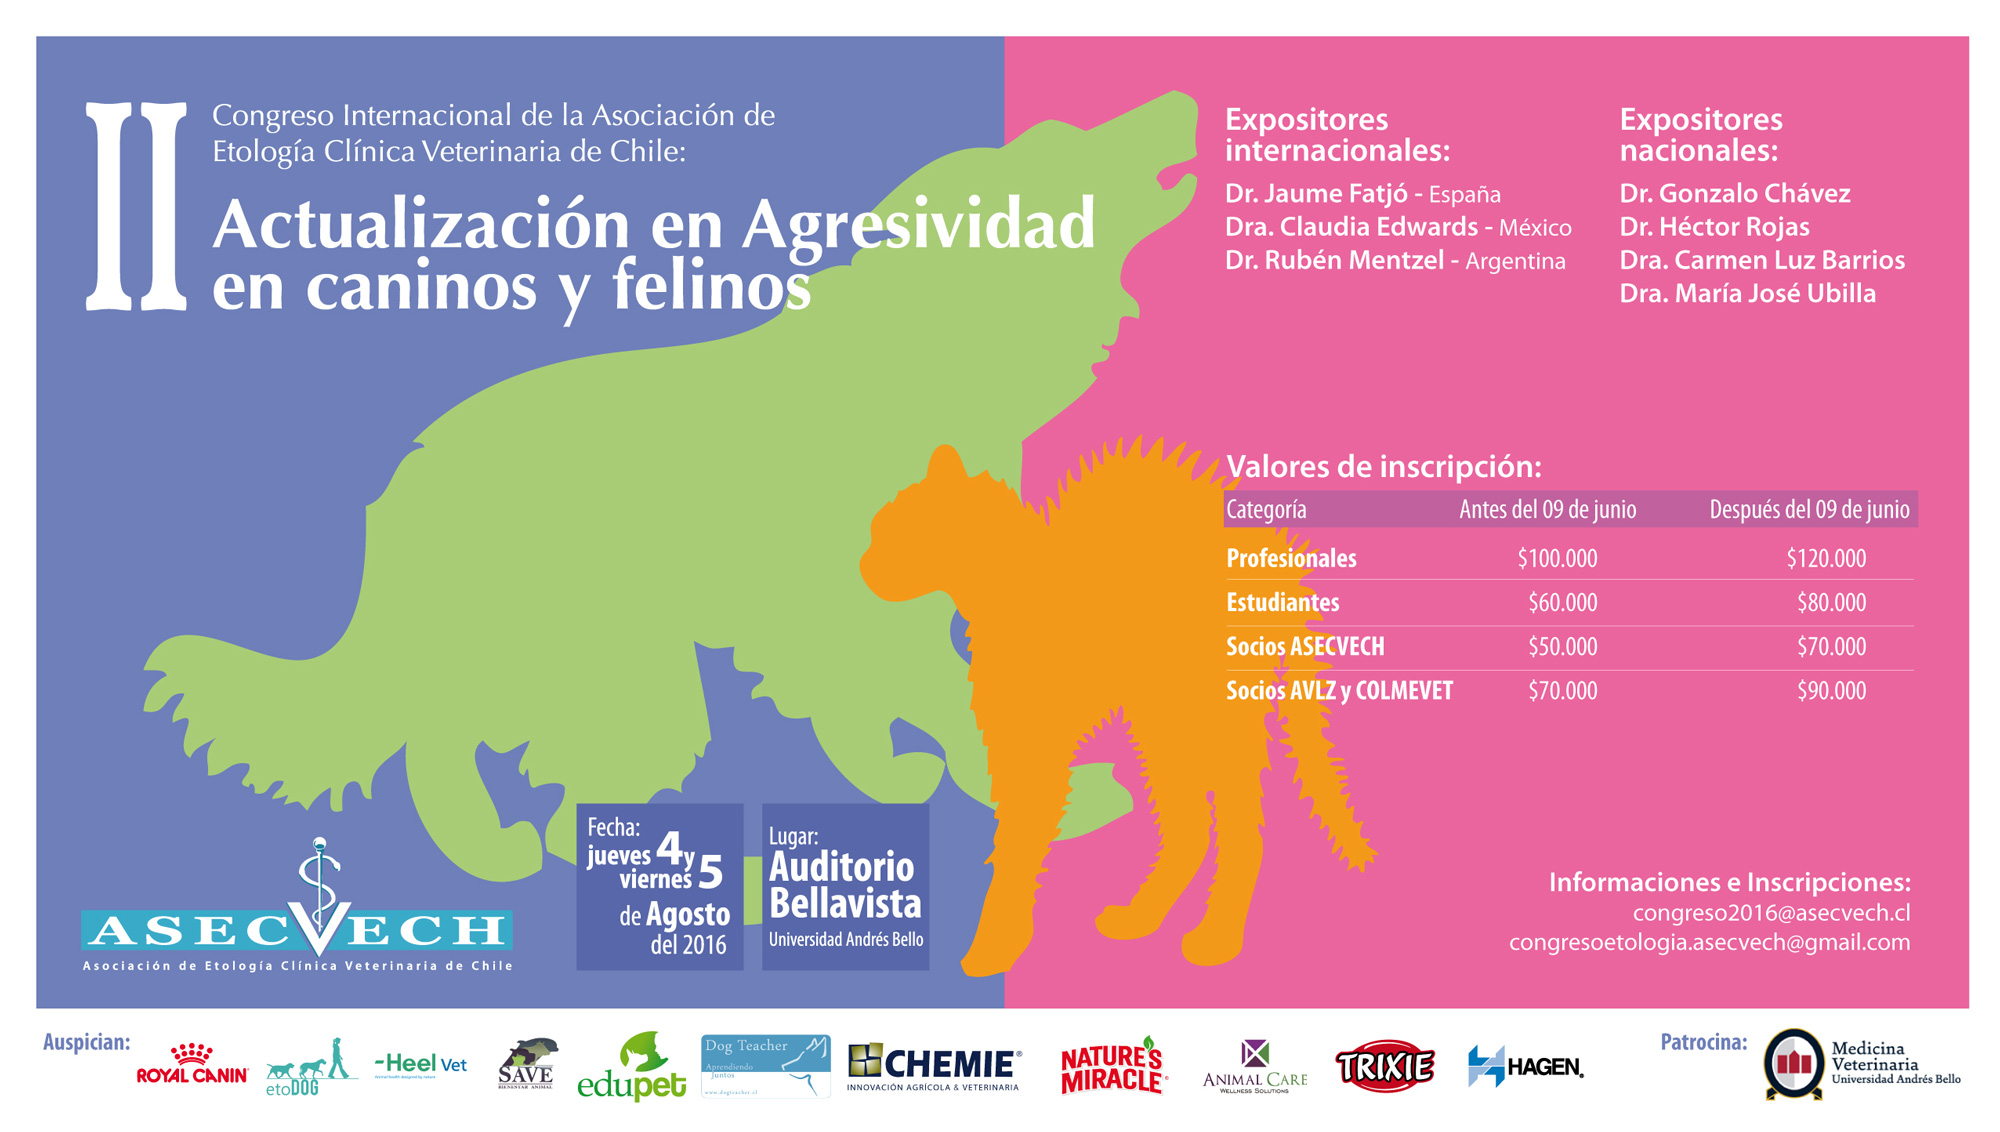 II Congreso Internacional de la Asociación de Etología Clínica Veterinaria de Chile: Actualización en Agresividad en caninos y felinos.